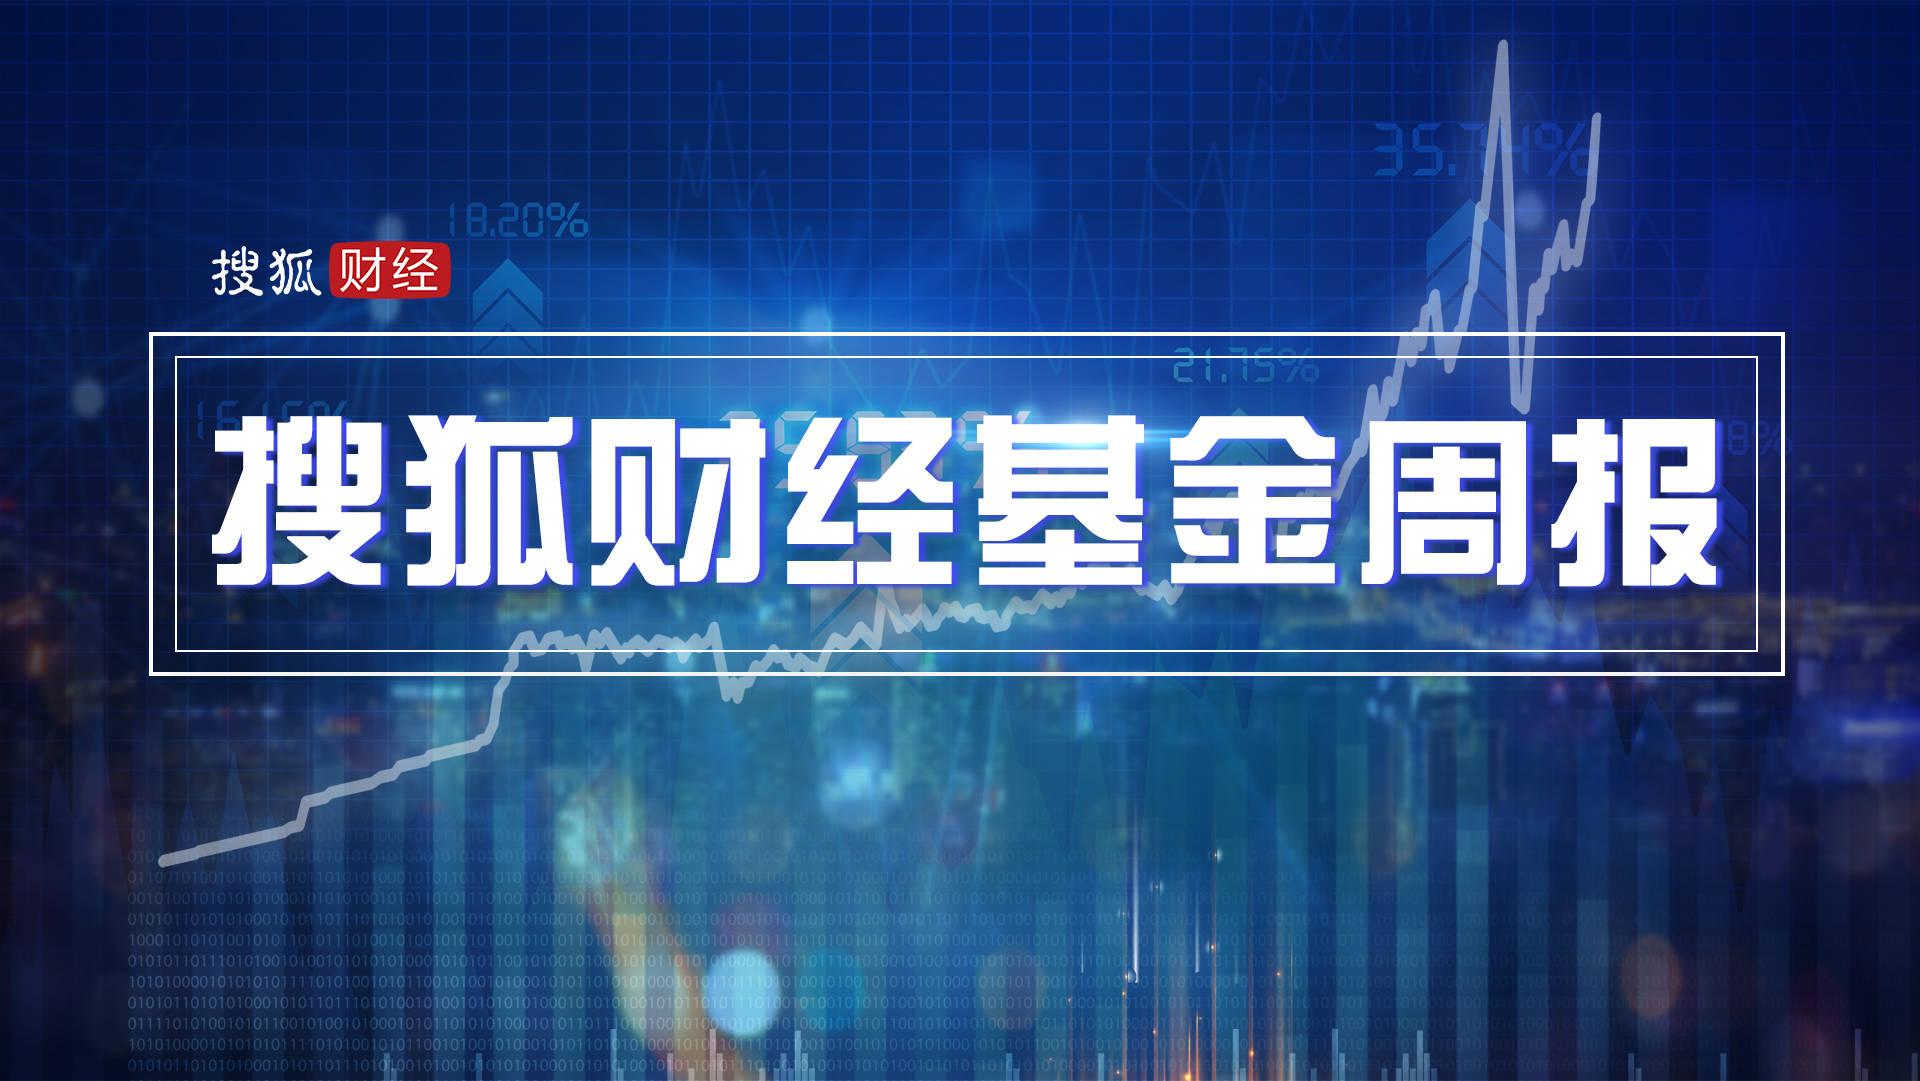 搜狐财经基金周报 22只新基金成立总规模达713亿;公募基金总规模突破18万亿